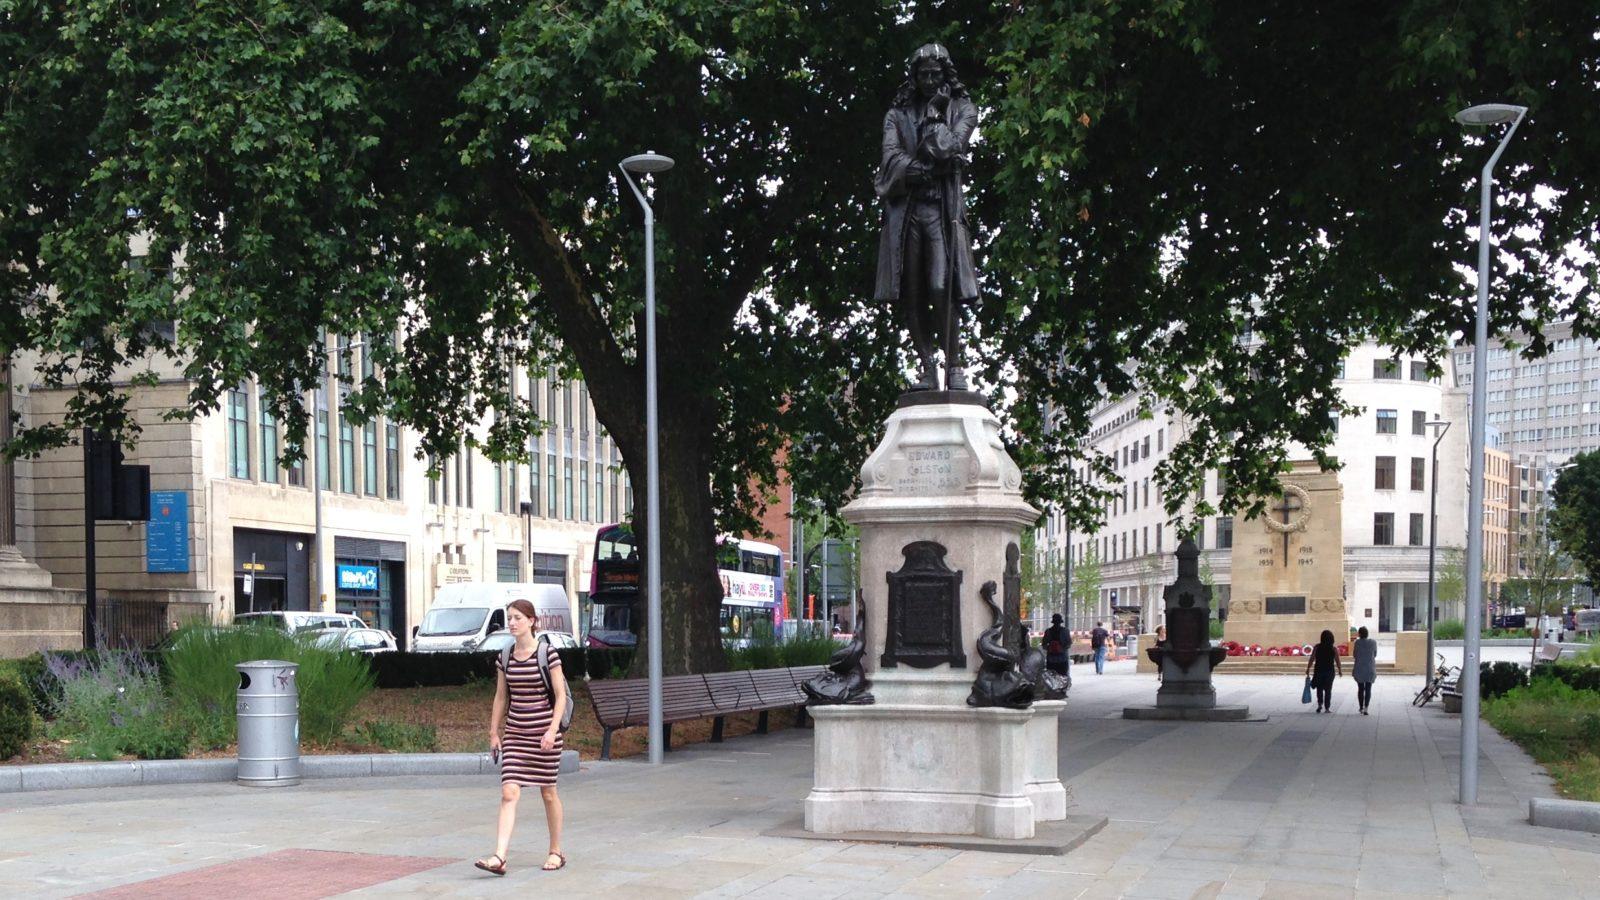 Edward-Colston-statue-Bristol-1600x900.j